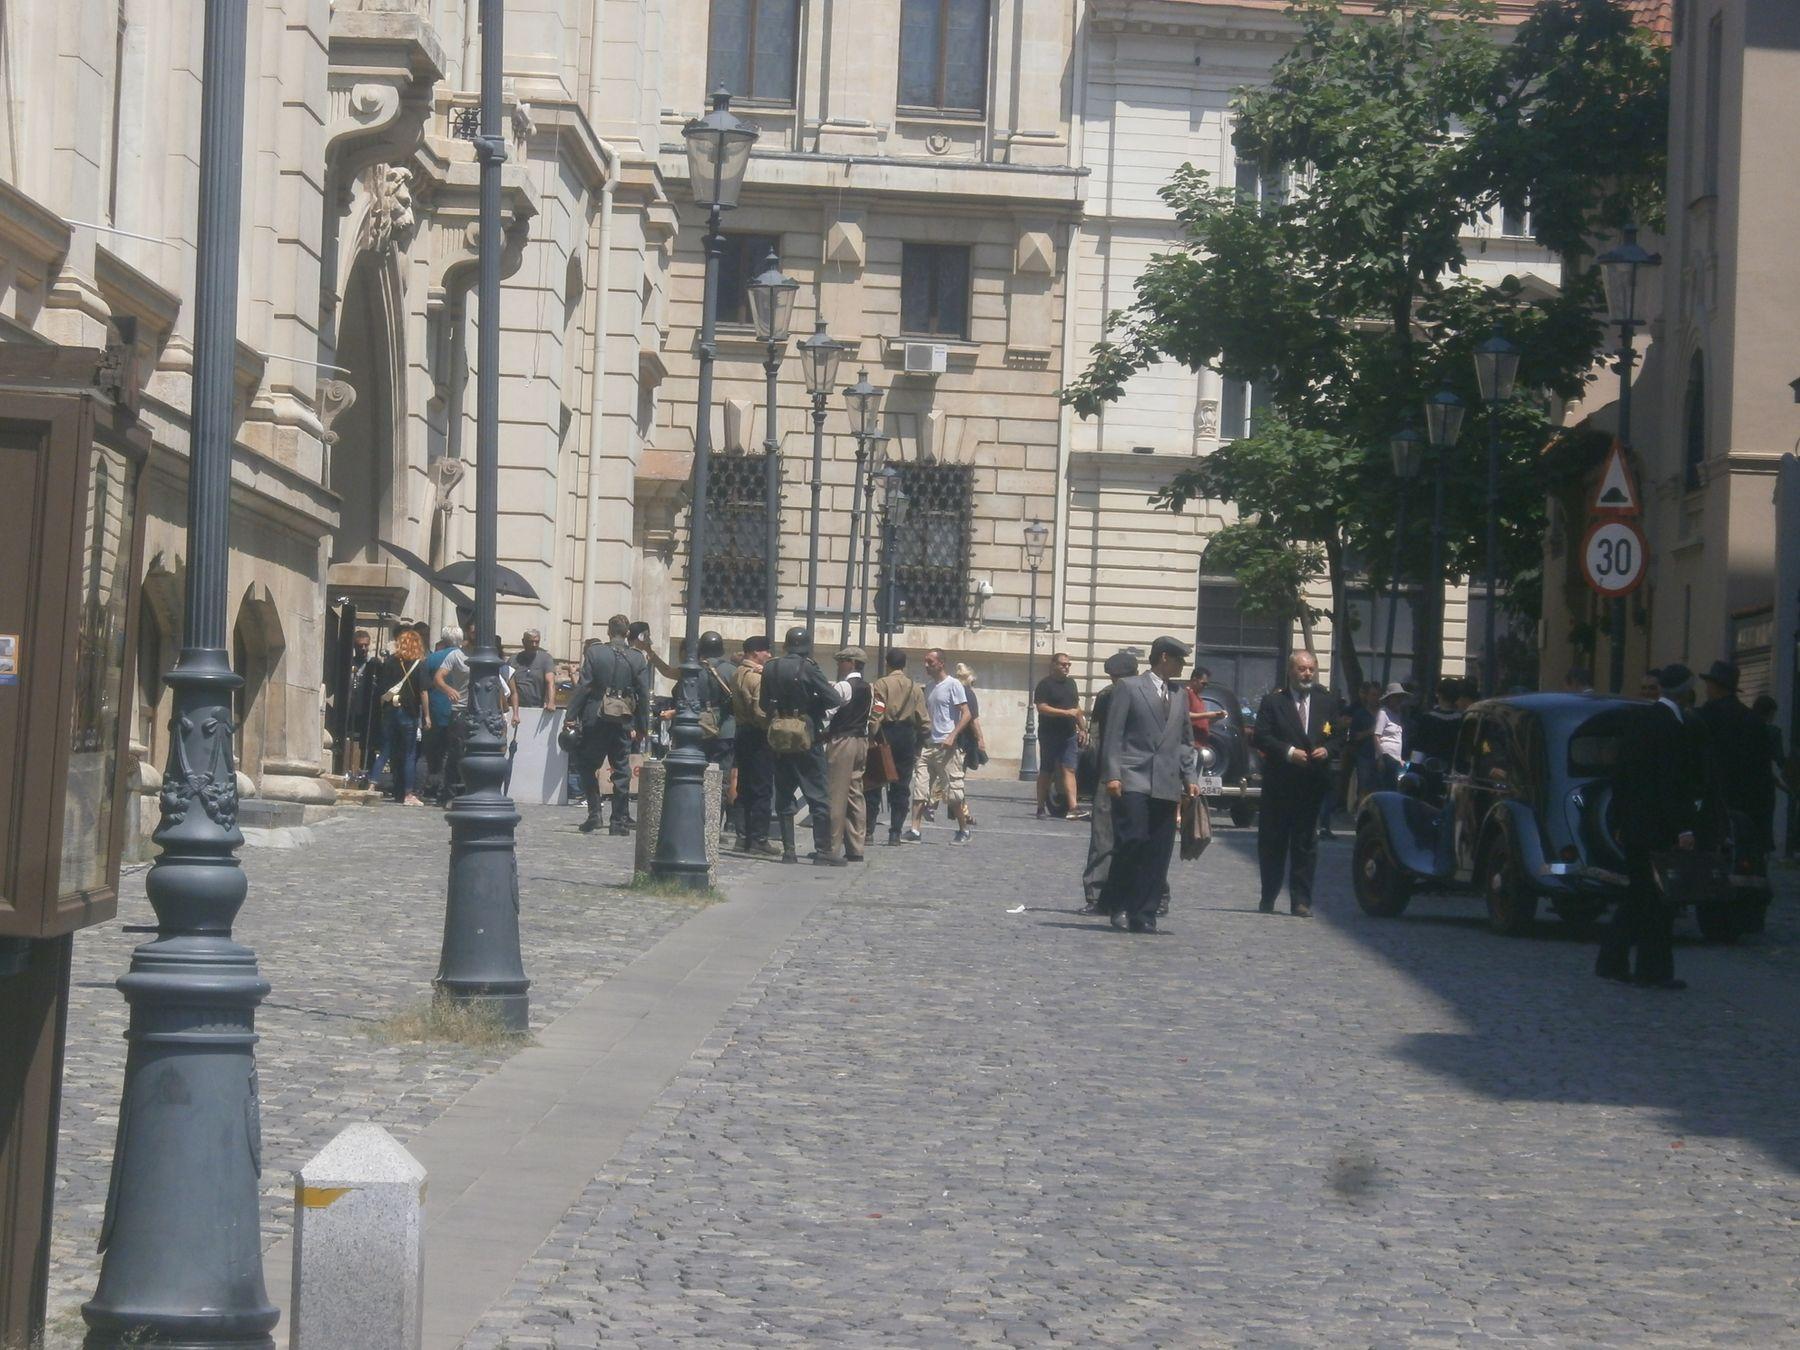 Снимается кино. Бухарест, Румыния. кино Бухарест Румыния